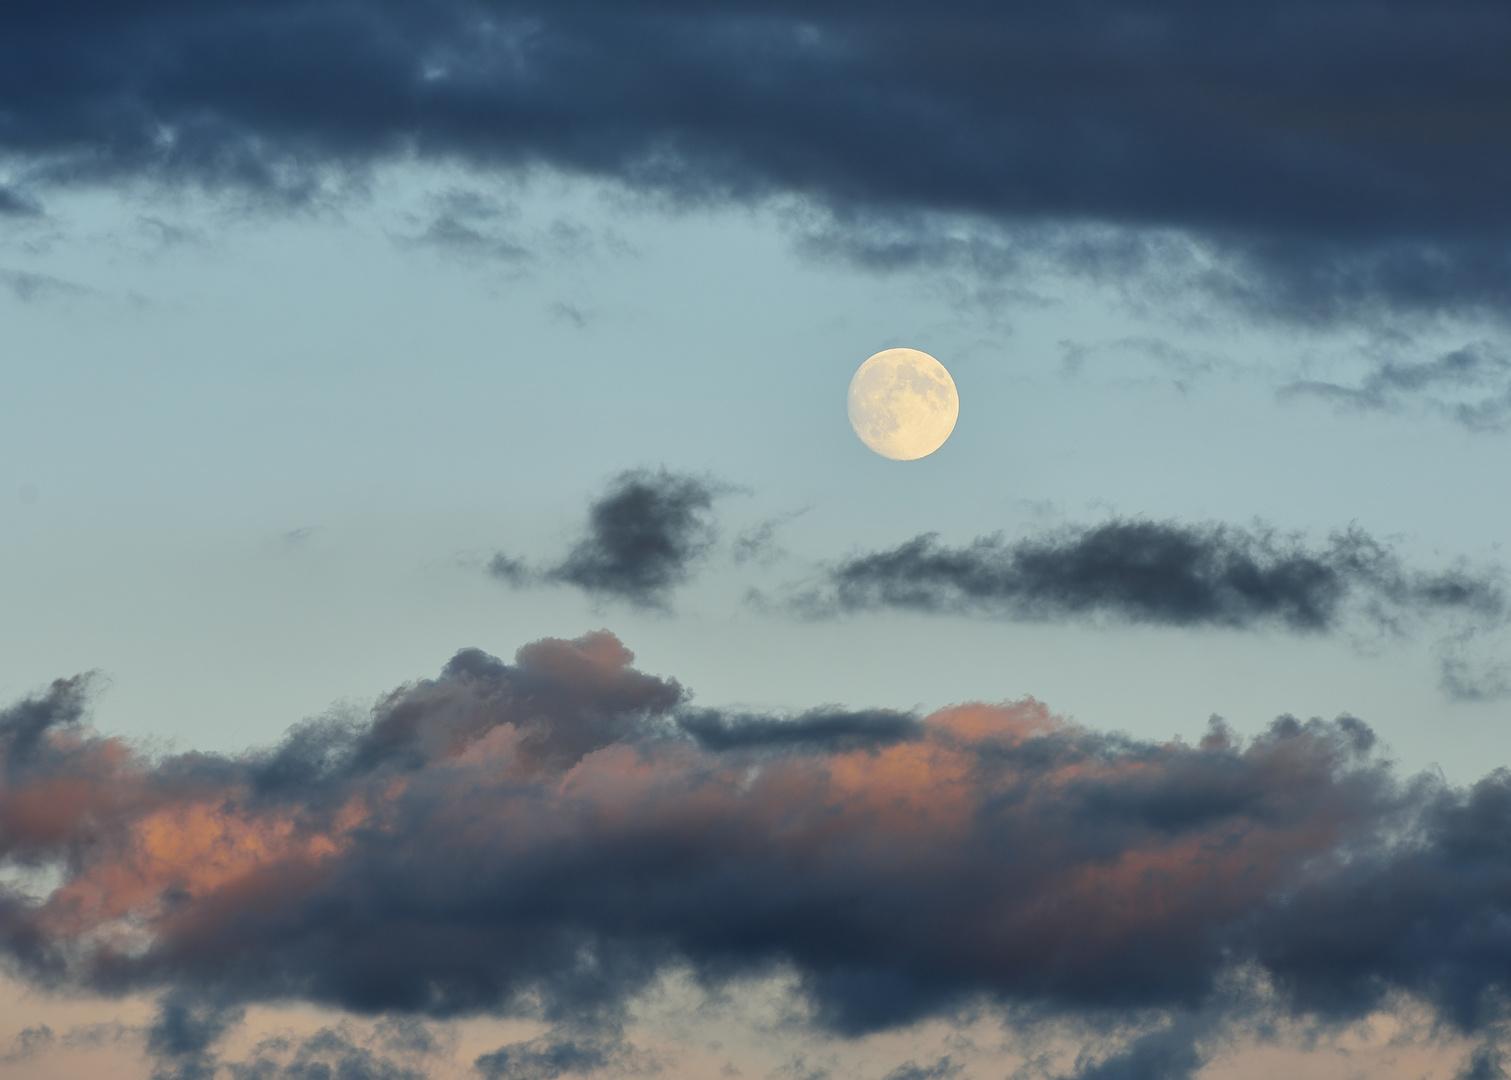 Der Tag geht und der Mond kommt